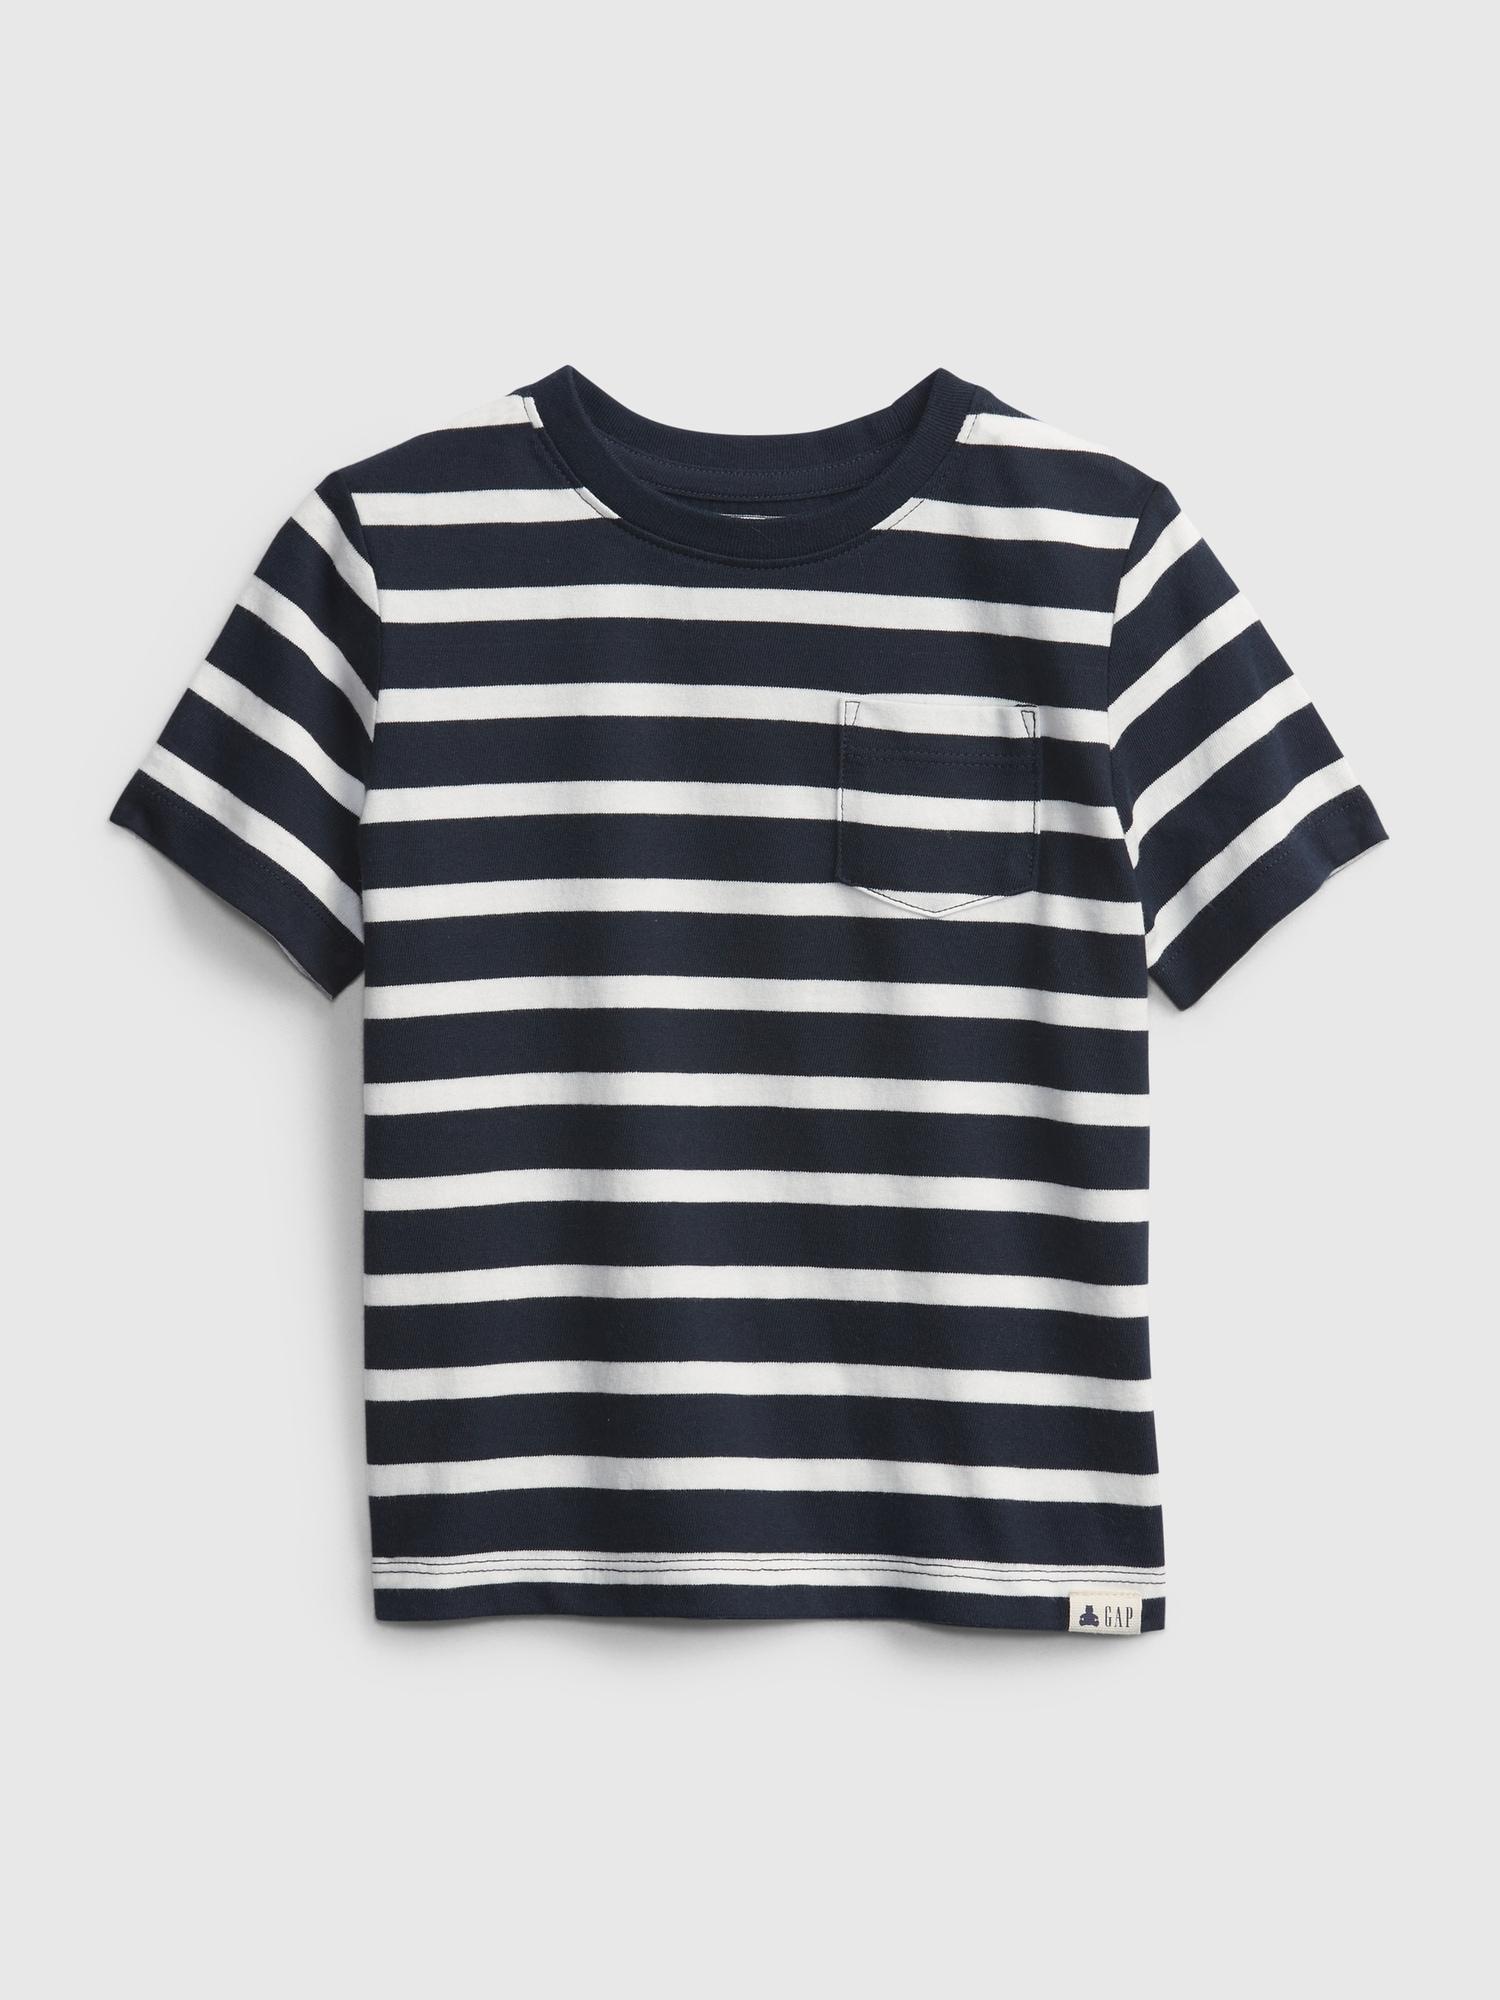 オーガニック ミックスマッチ ストライプtシャツ (幼児)